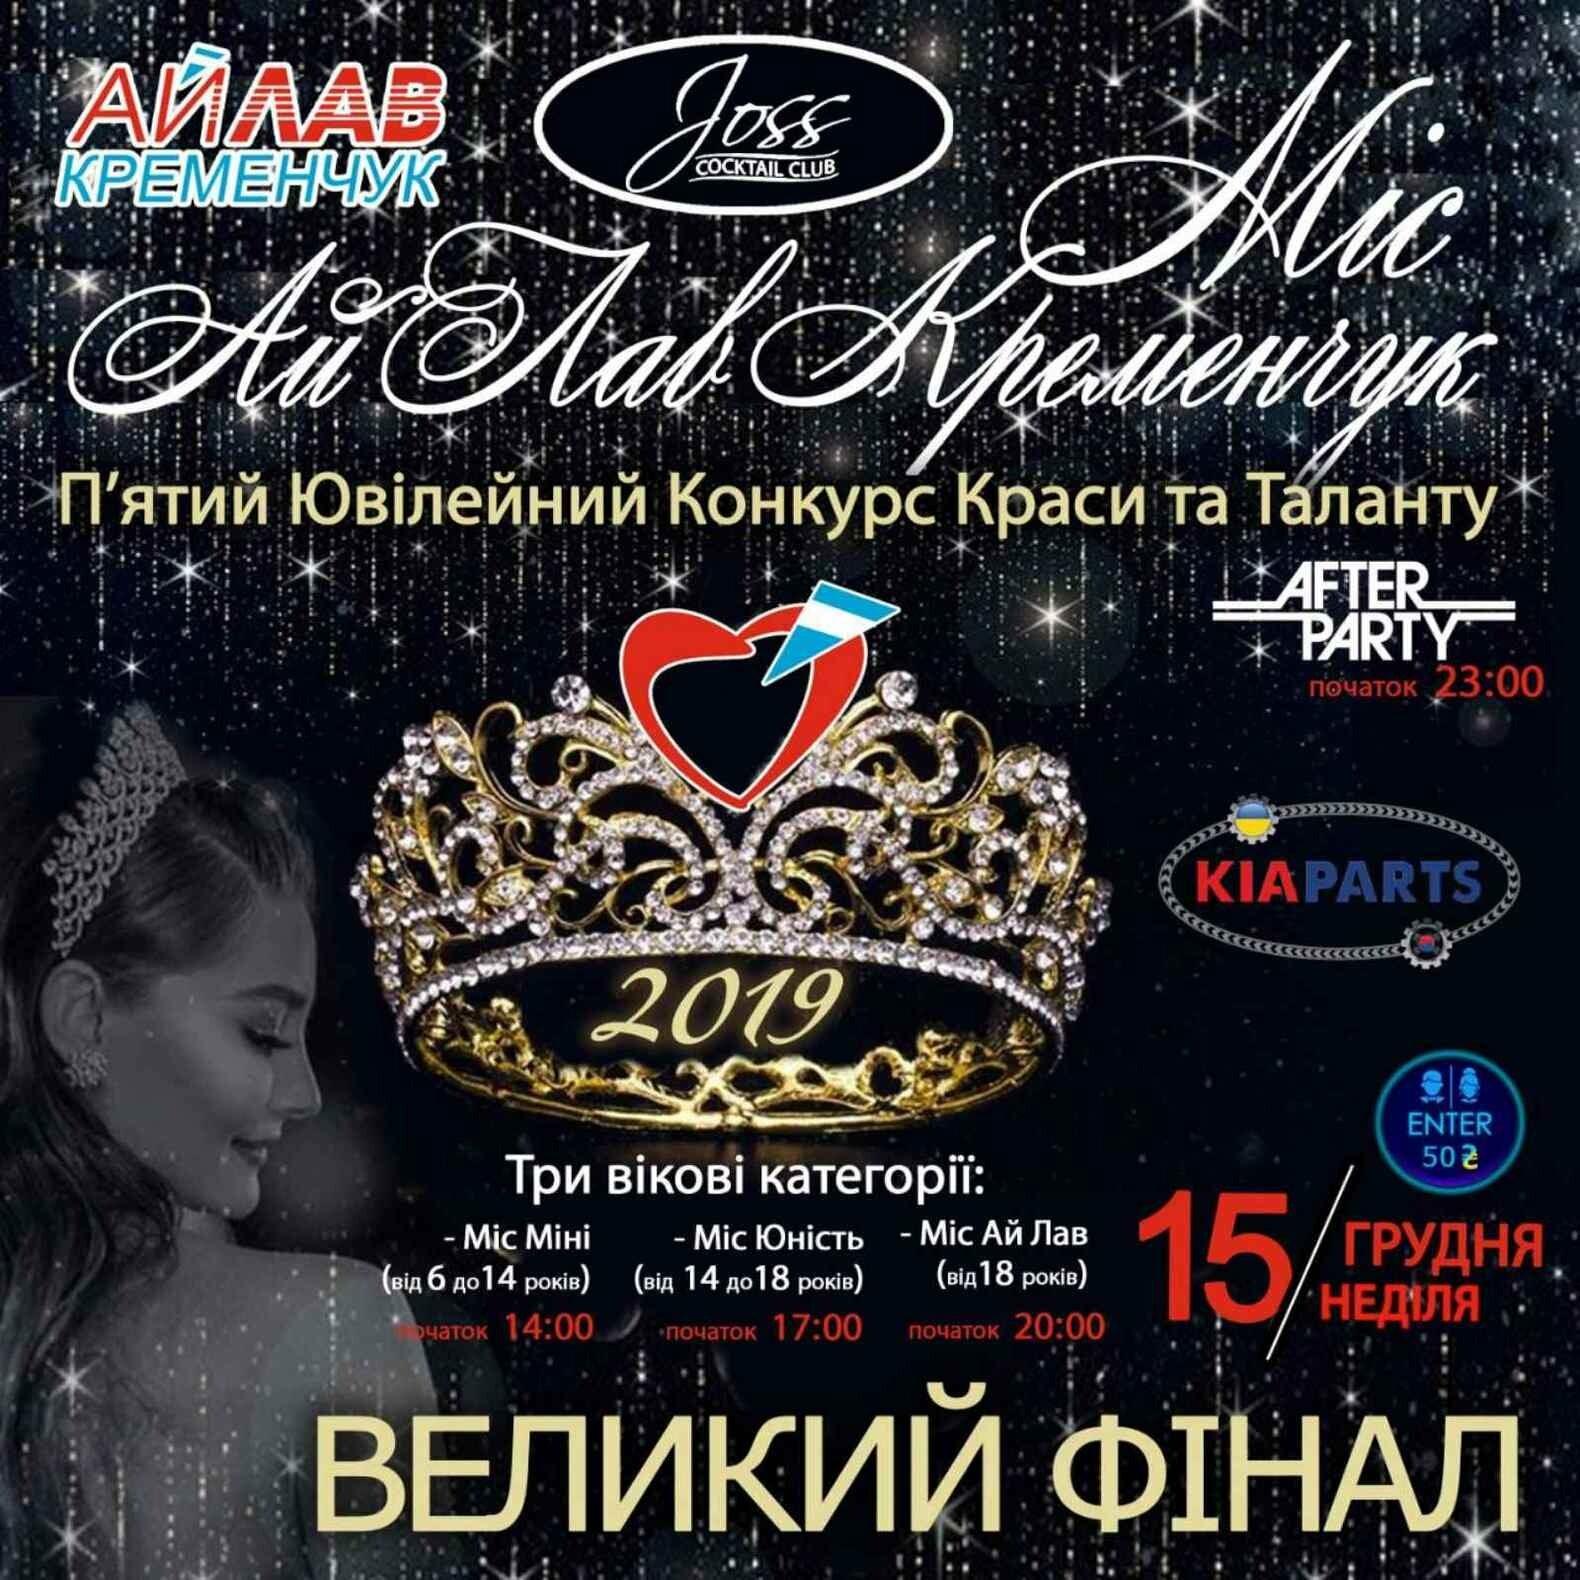 Міс Ай Лав Кременчук 2019